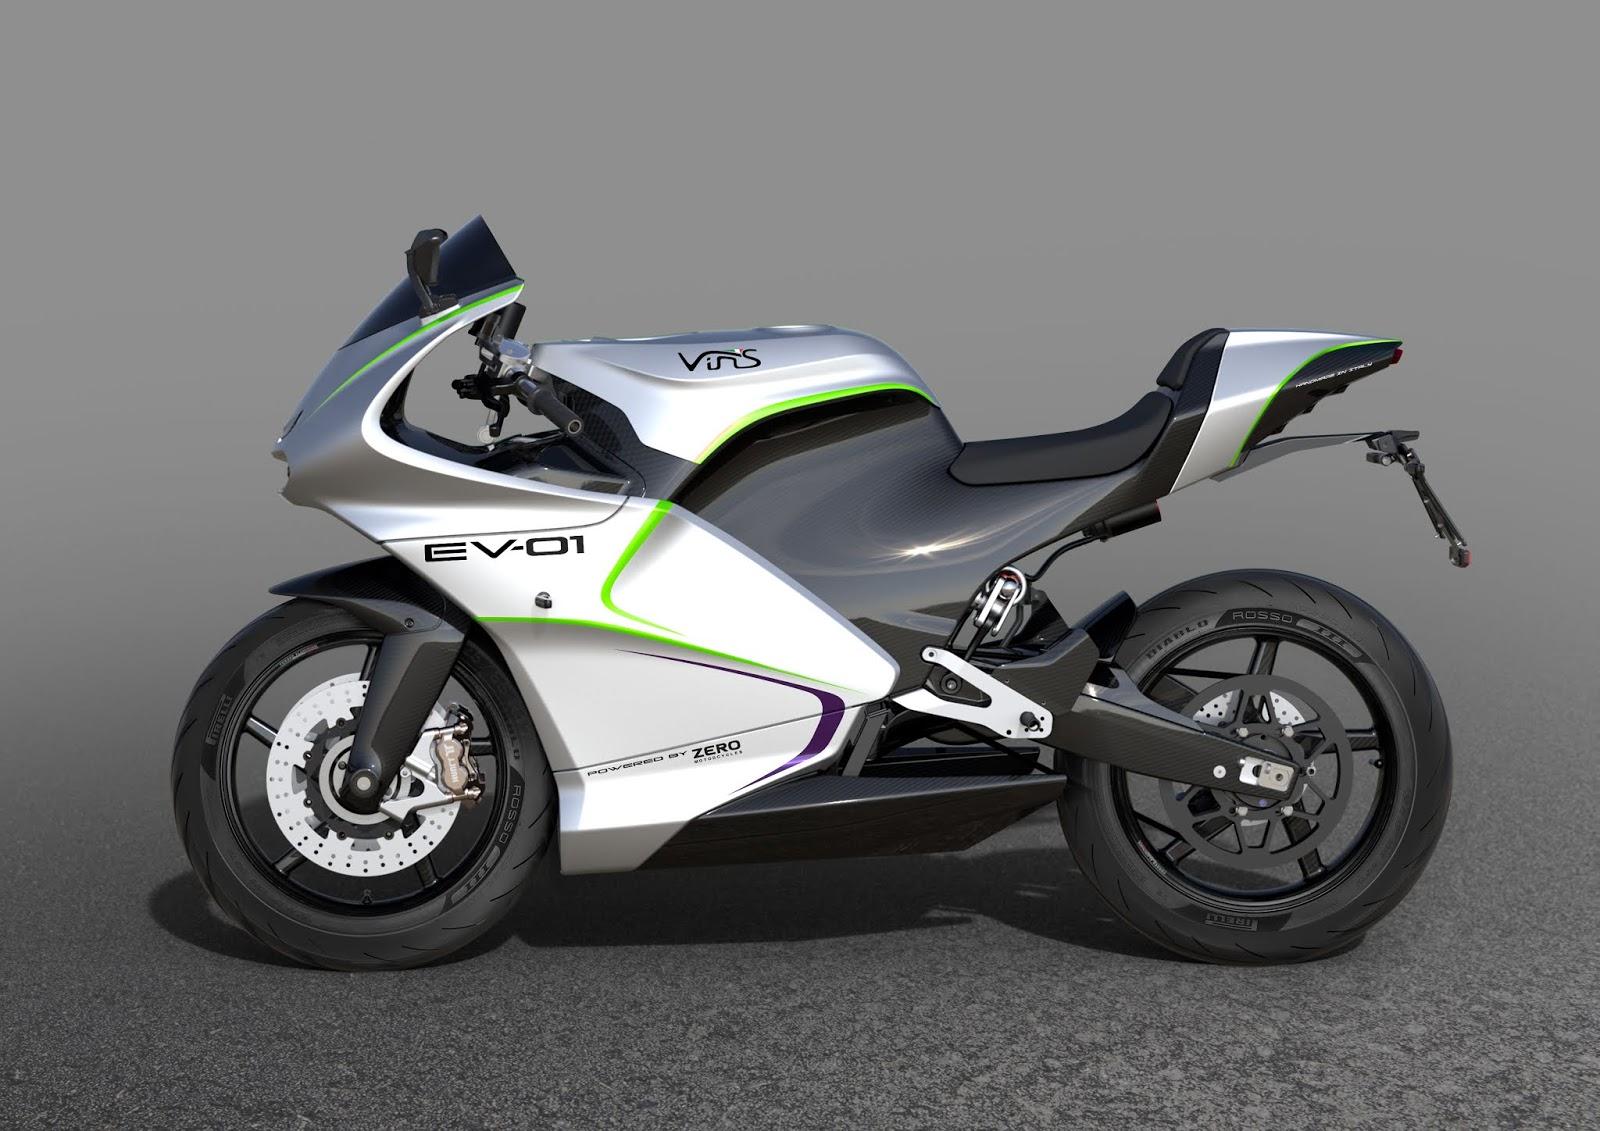 EV-01 จักรยานยนต์พลังงานไฟฟ้า